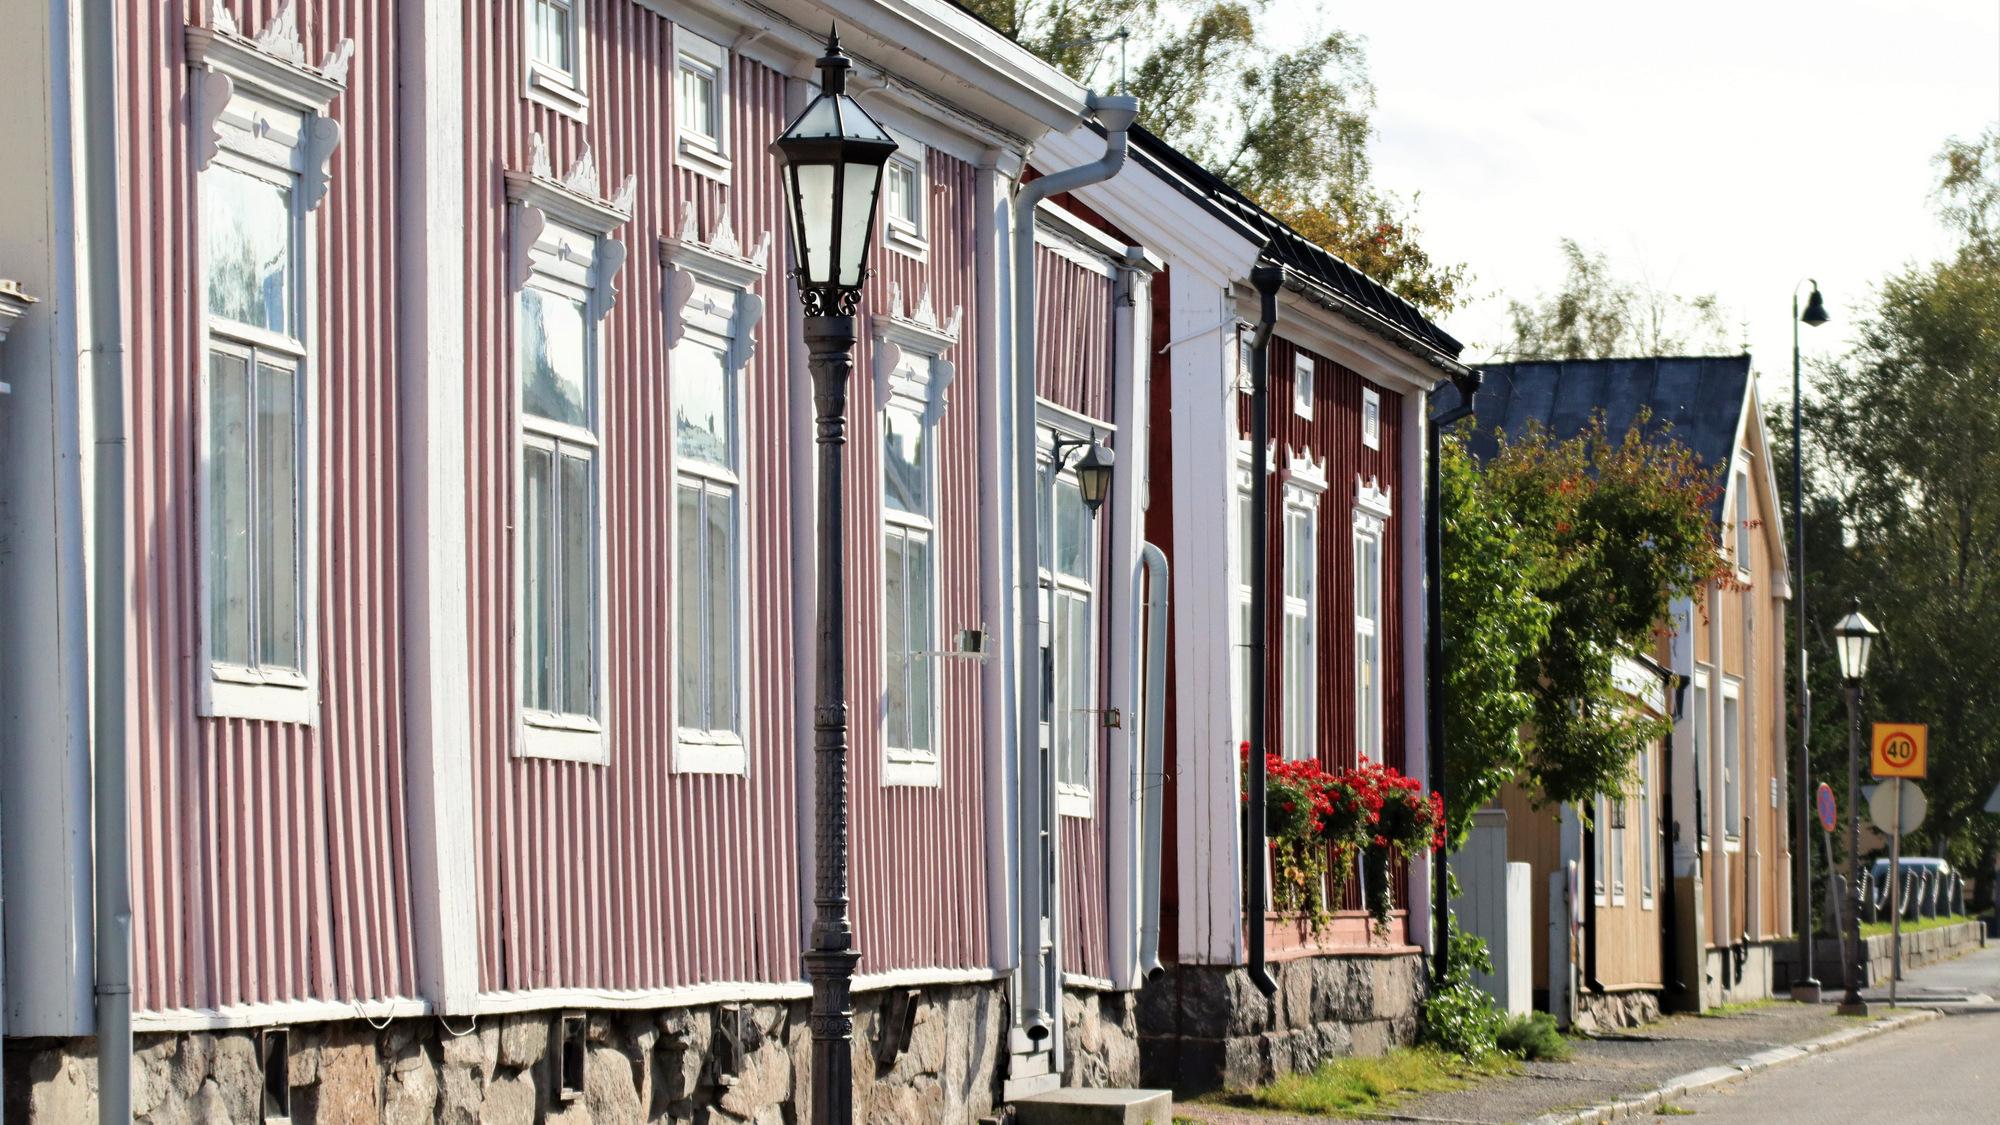 Vanhan kaupungin omakotitaloja. Lähimpänä on vaaleanpunainen, valkoisilla ikkunanpielillä varustettu talo, jonka edessä on vanha, musta lyhtypylväs.